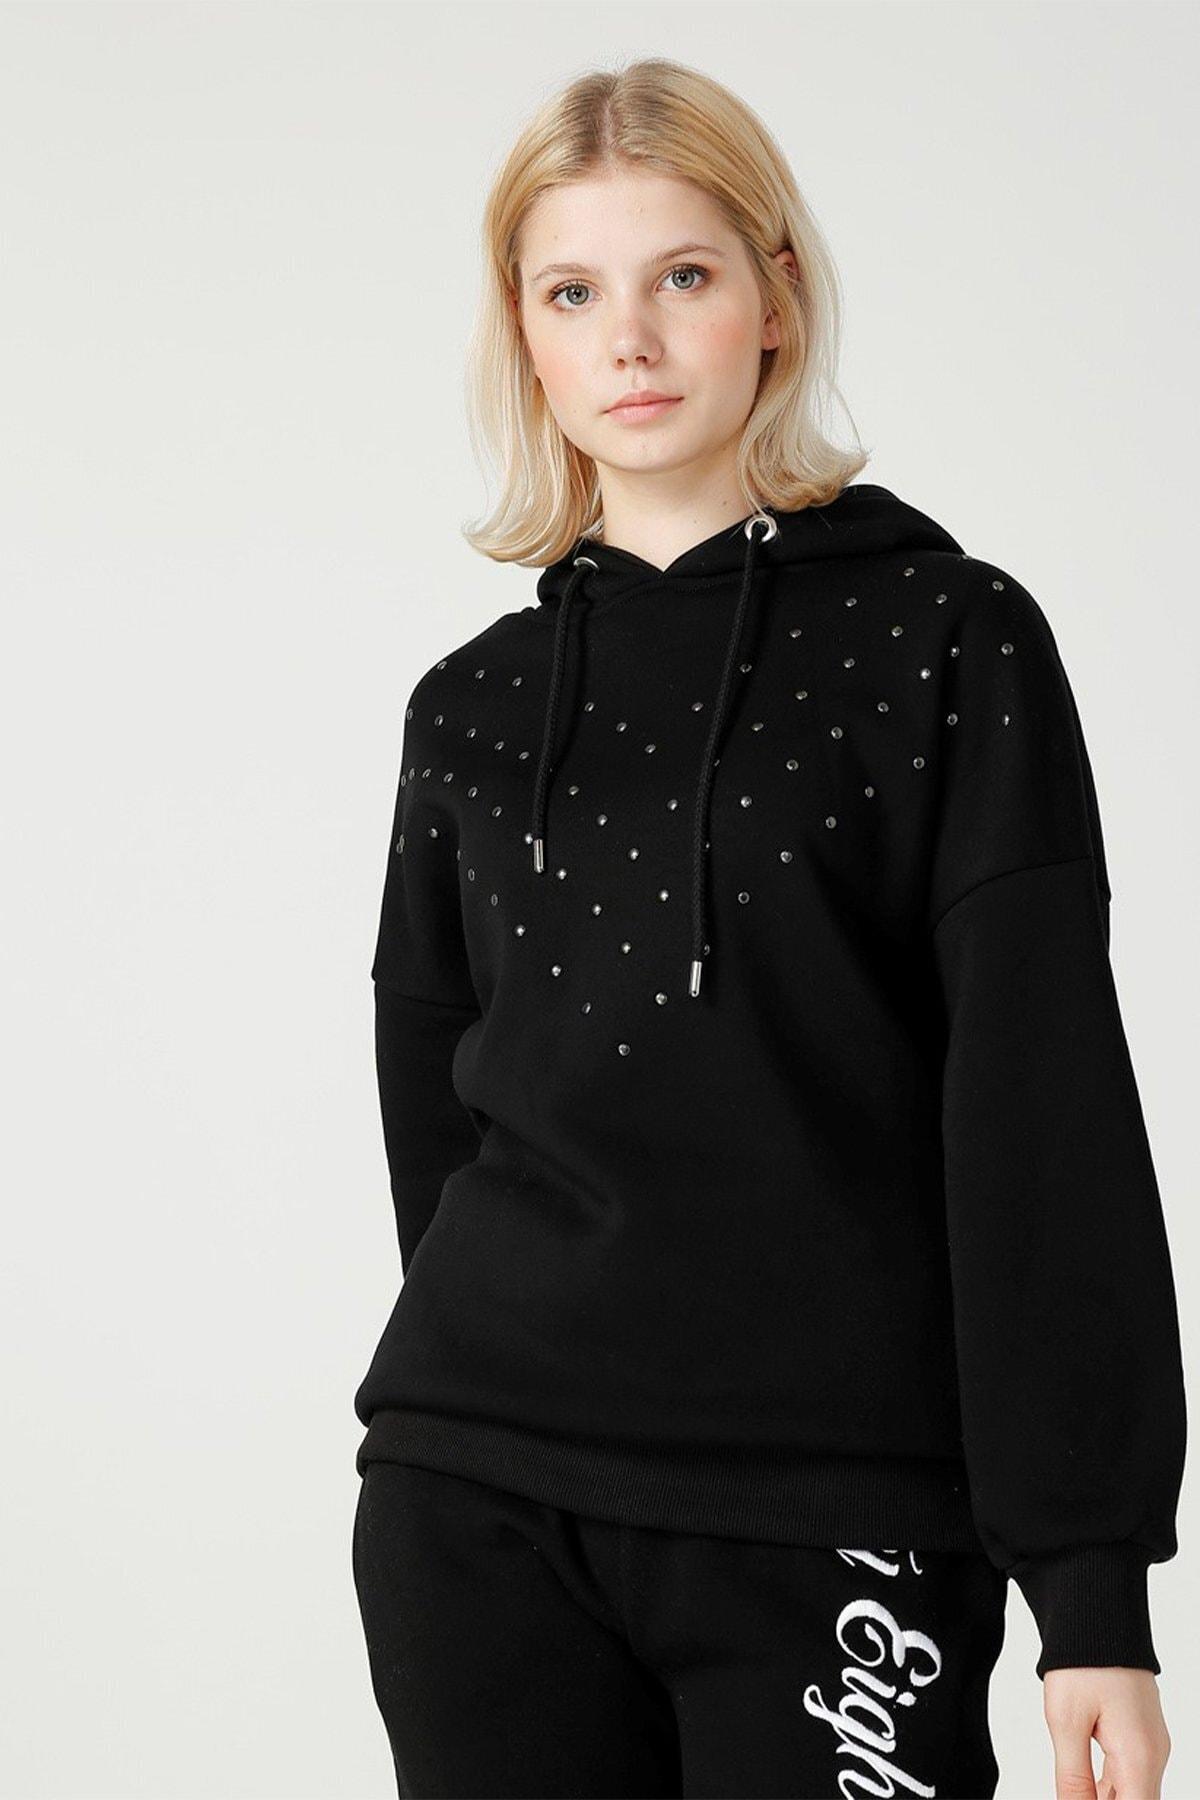 Kadın Zımbalı Siyah Sweatshirt Lf2025531